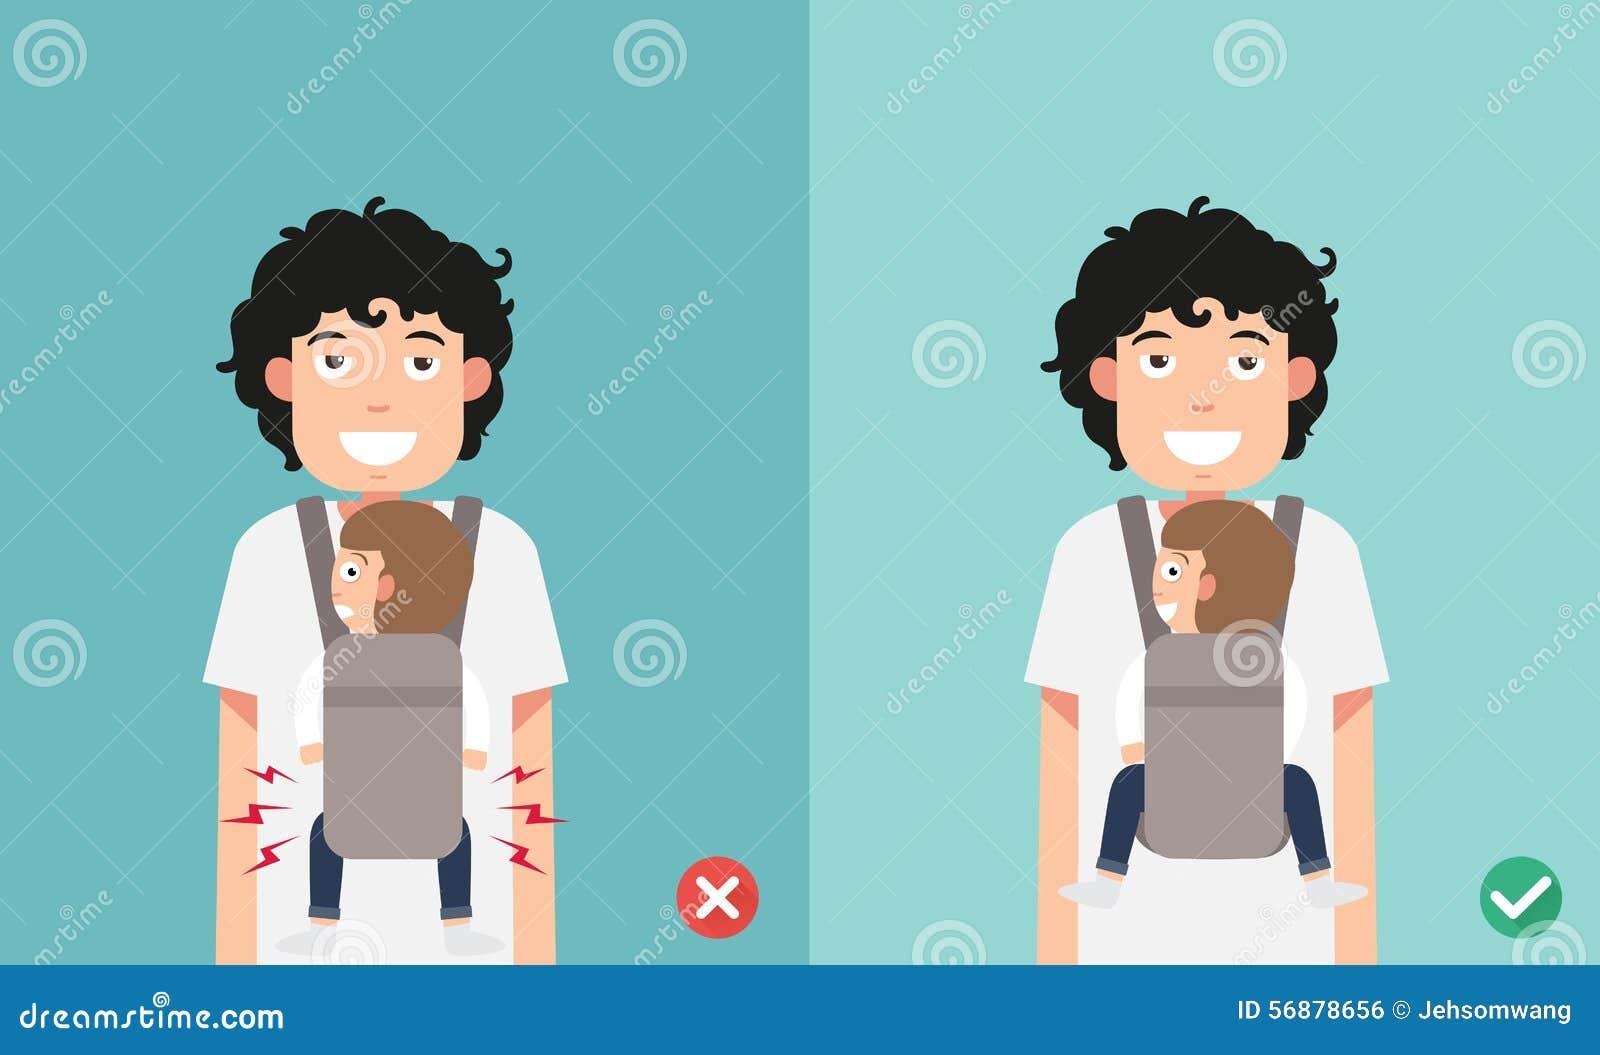 Barn för bästa och mest ond positioner för förhindrande av höftdysplasia